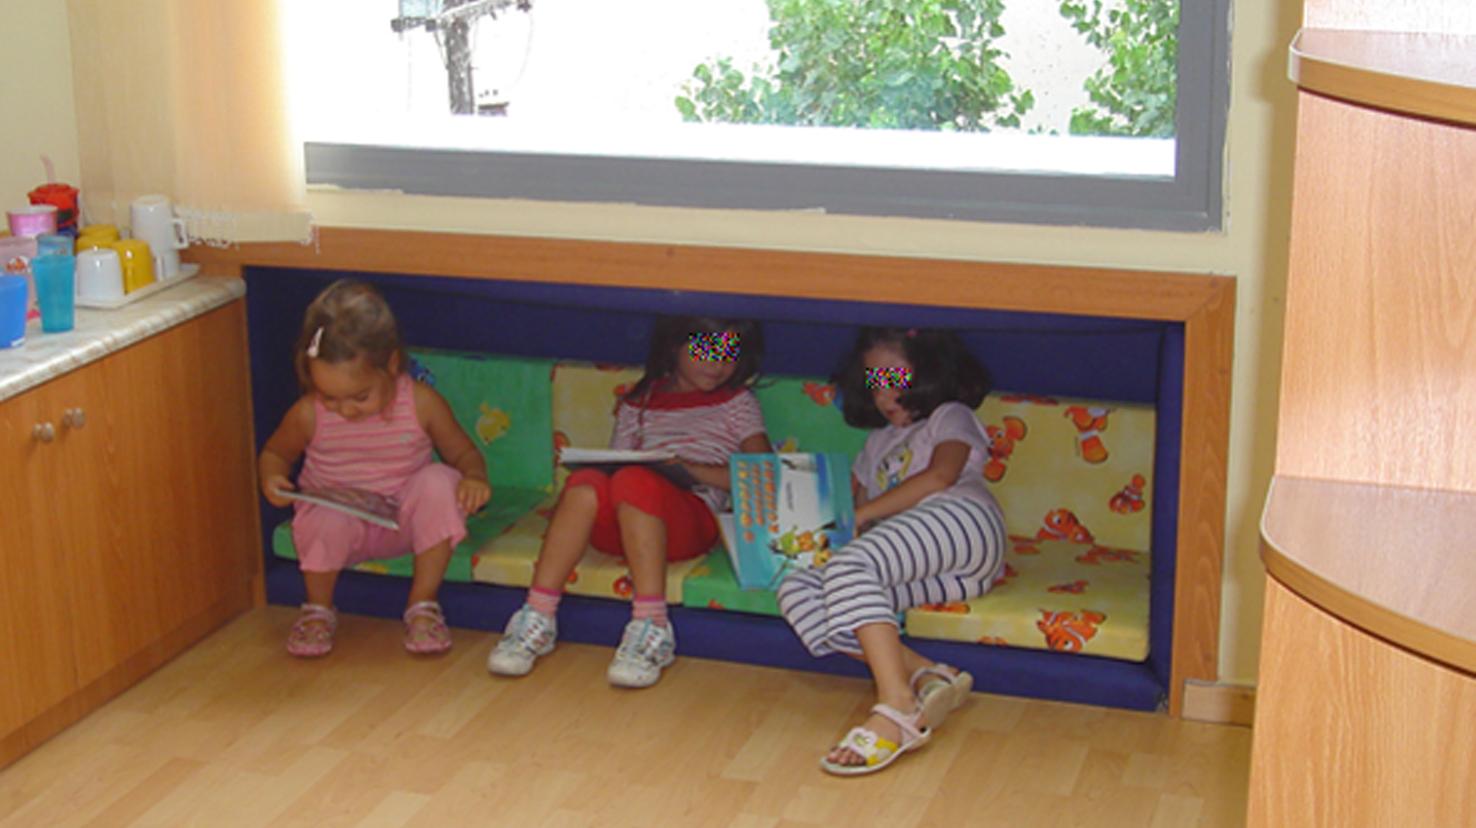 """""""Παιδικό Κέντρο"""" ΑΠΘ, μετά. Αυθόρμητη δραστηριότητα στον εκπαιδευτικό τόπο που τα παιδιά ονόμασαν """"φωλίτσα""""."""